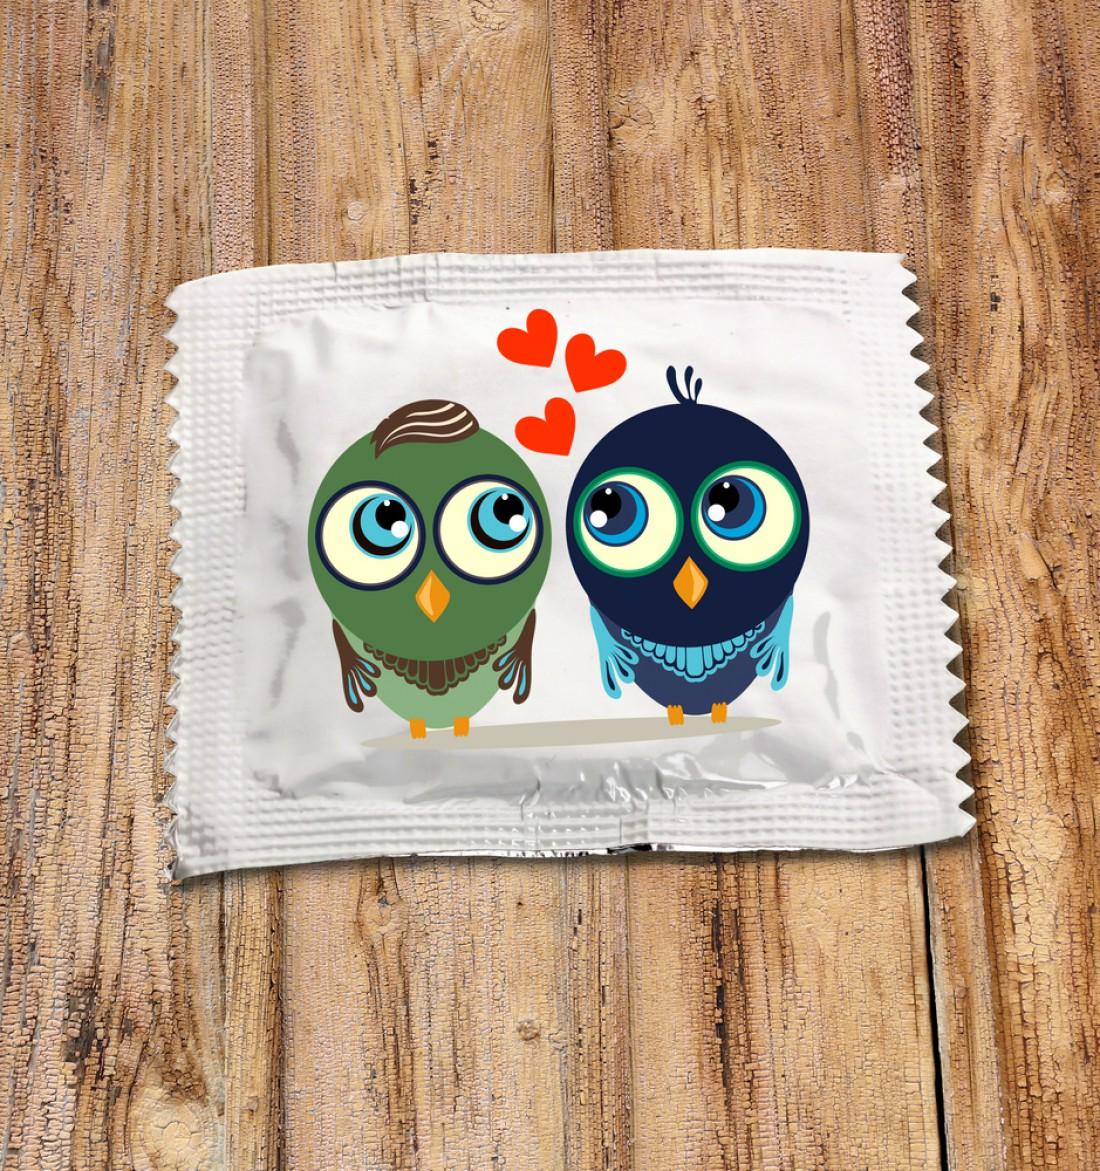 Кулек вместо презерватива: что люди пытались использовать в качестве контрацепции